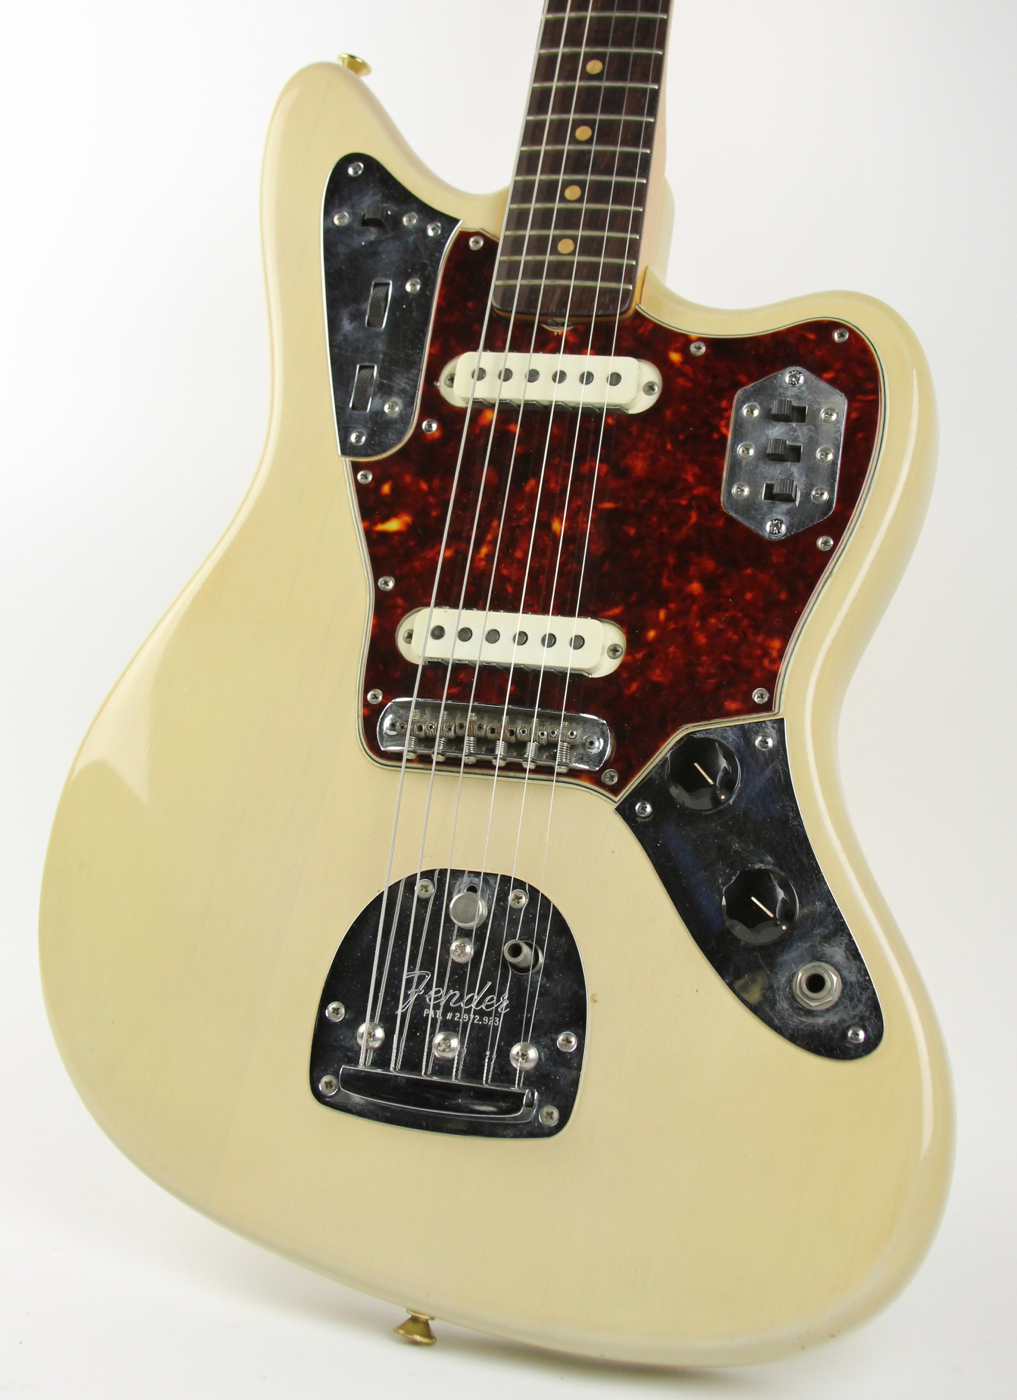 fender jaguar 1963 blonde guitar for sale thunder road guitars. Black Bedroom Furniture Sets. Home Design Ideas